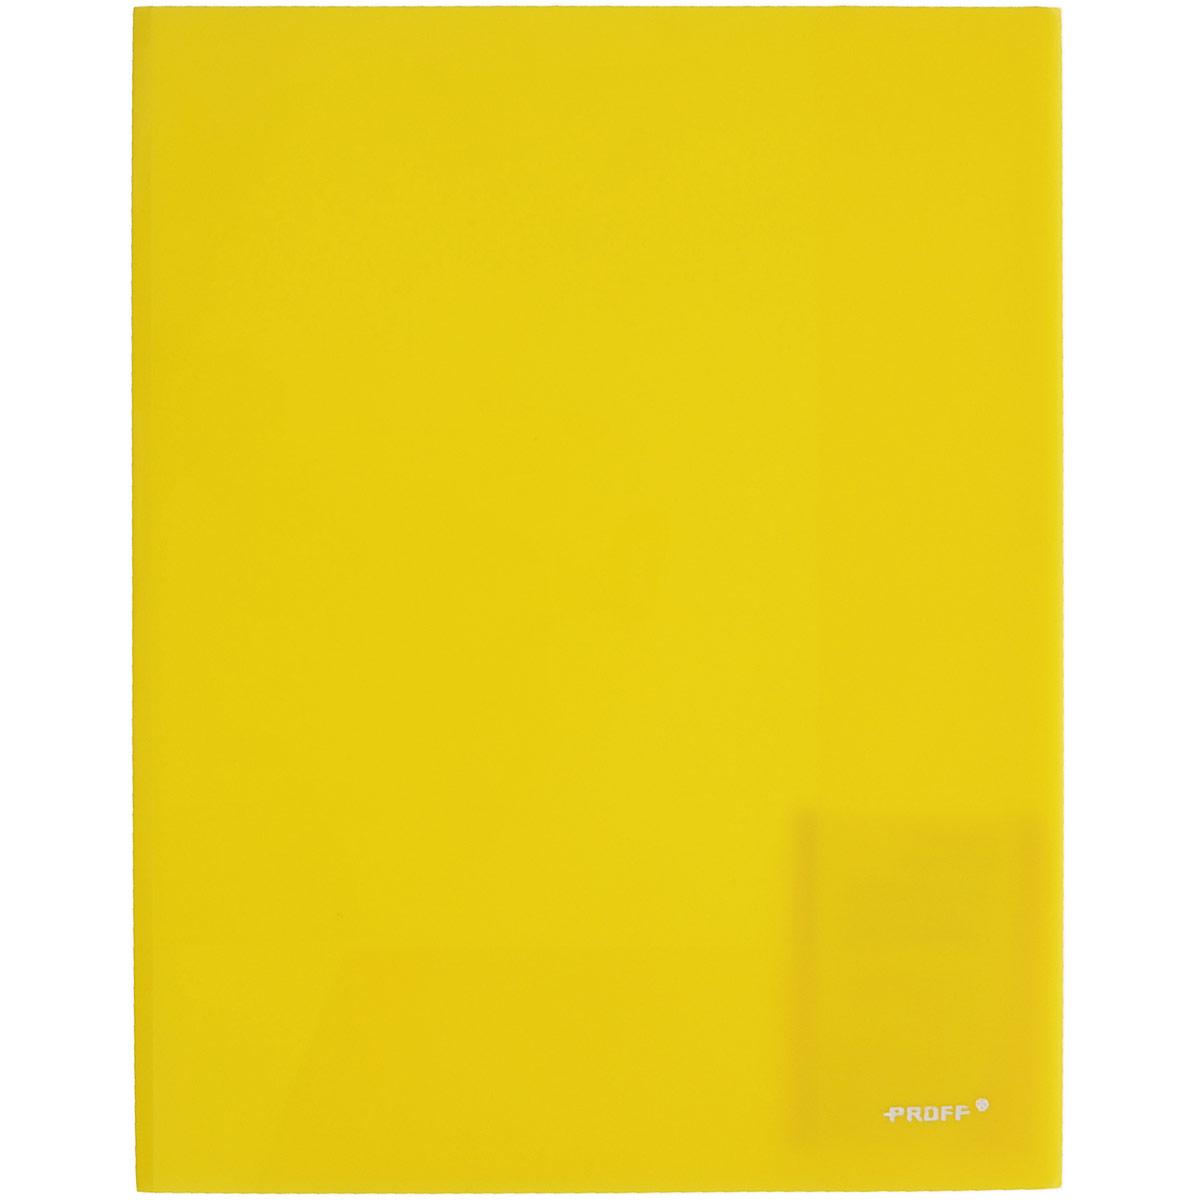 Proff Папка-уголок цвет желтый 2 клапанаE311A/30-TF-02Папка-уголок Proff, изготовленная из высококачественного полипропилена -это удобный и практичный офисный инструмент, предназначенный для хранения и транспортировки рабочих бумаг и документов формата А4.Полупрозрачная папка оснащена двумя клапана внутри для надежного удержания бумаг.Папка-уголок - это незаменимый атрибут для студента, школьника, офисного работника. Такая папка надежно сохранит ваши документы и сбережет их от повреждений, пыли и влаги.